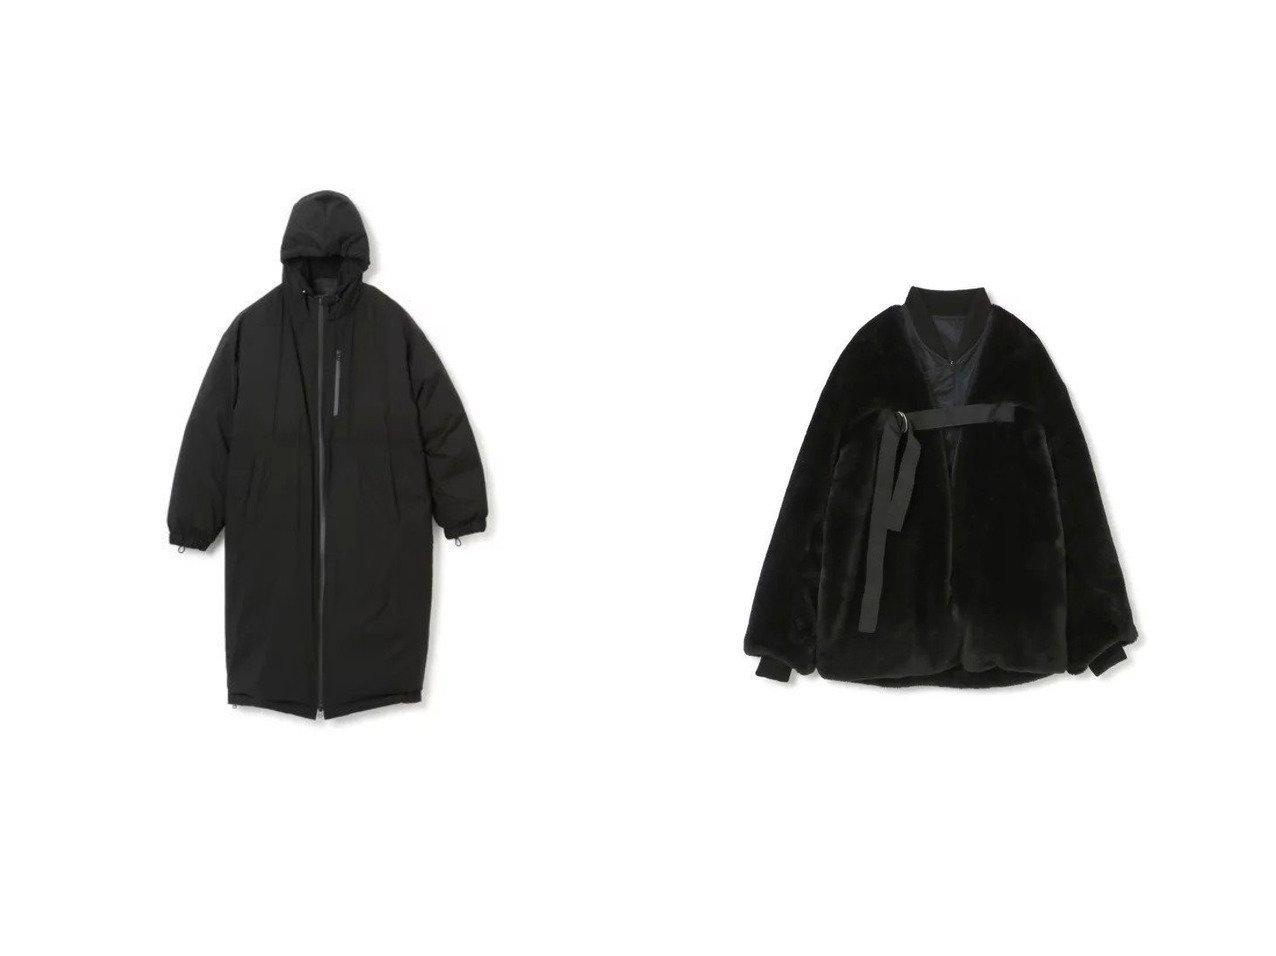 【08sircus/ゼロエイトサーカス】のStretch taffeta down foodie coat&MA-1 Eco fur reversible 【アウター】おすすめ!人気、トレンド・レディースファッションの通販 おすすめで人気の流行・トレンド、ファッションの通販商品 インテリア・家具・メンズファッション・キッズファッション・レディースファッション・服の通販 founy(ファニー) https://founy.com/ ファッション Fashion レディースファッション WOMEN アウター Coat Outerwear コート Coats ジャケット Jackets ブルゾン Blouson/Jackets MA-1 MA-1 2021年 2021 2021-2022秋冬・A/W AW・Autumn/Winter・FW・Fall-Winter・2021-2022 A/W・秋冬 AW・Autumn/Winter・FW・Fall-Winter ジャケット フロント ブルゾン リバーシブル イタリア ストレッチ スリット タフタ ダウン 防寒 |ID:crp329100000056384